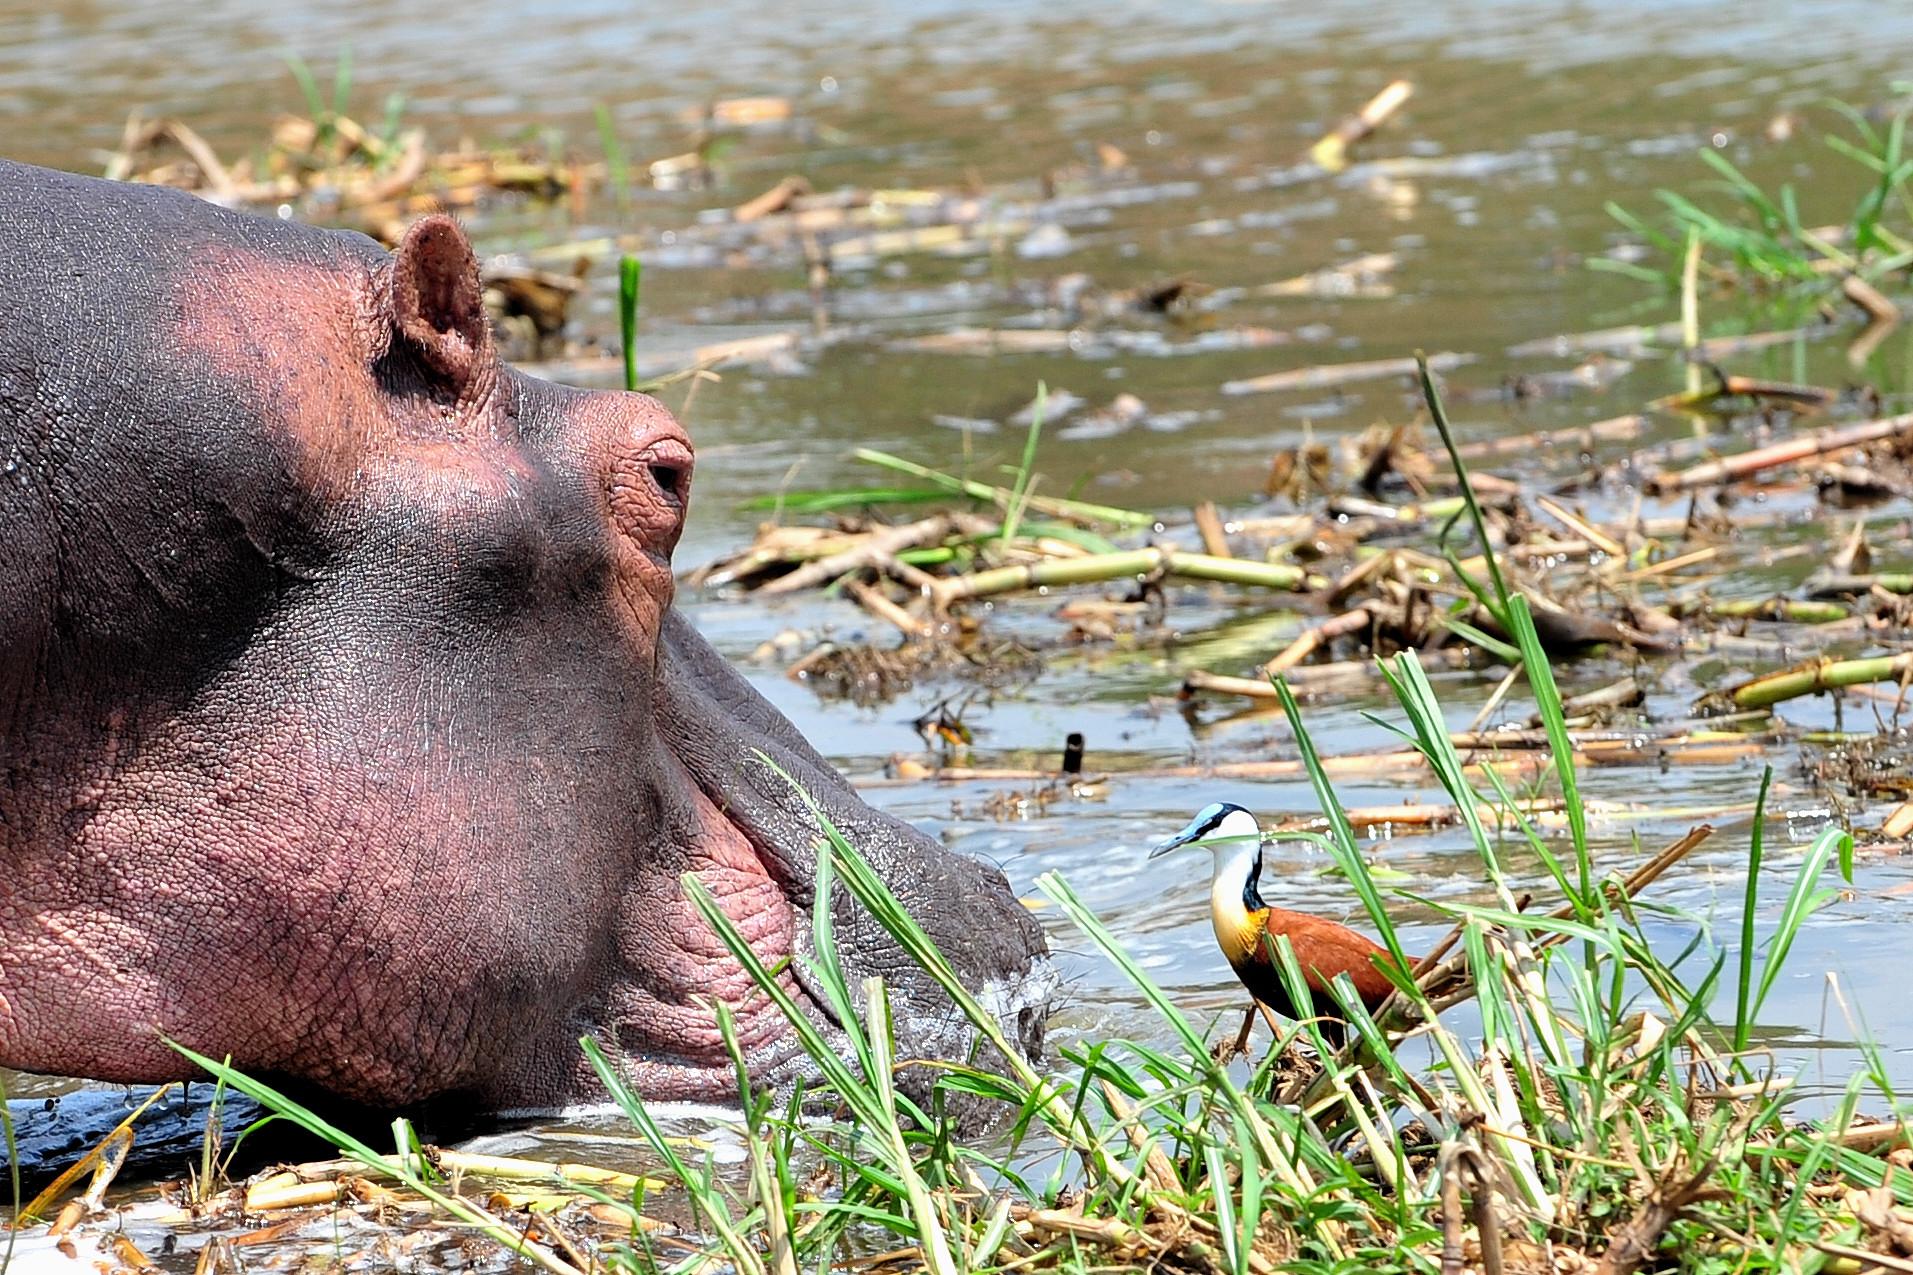 When Hippo Met Ducky